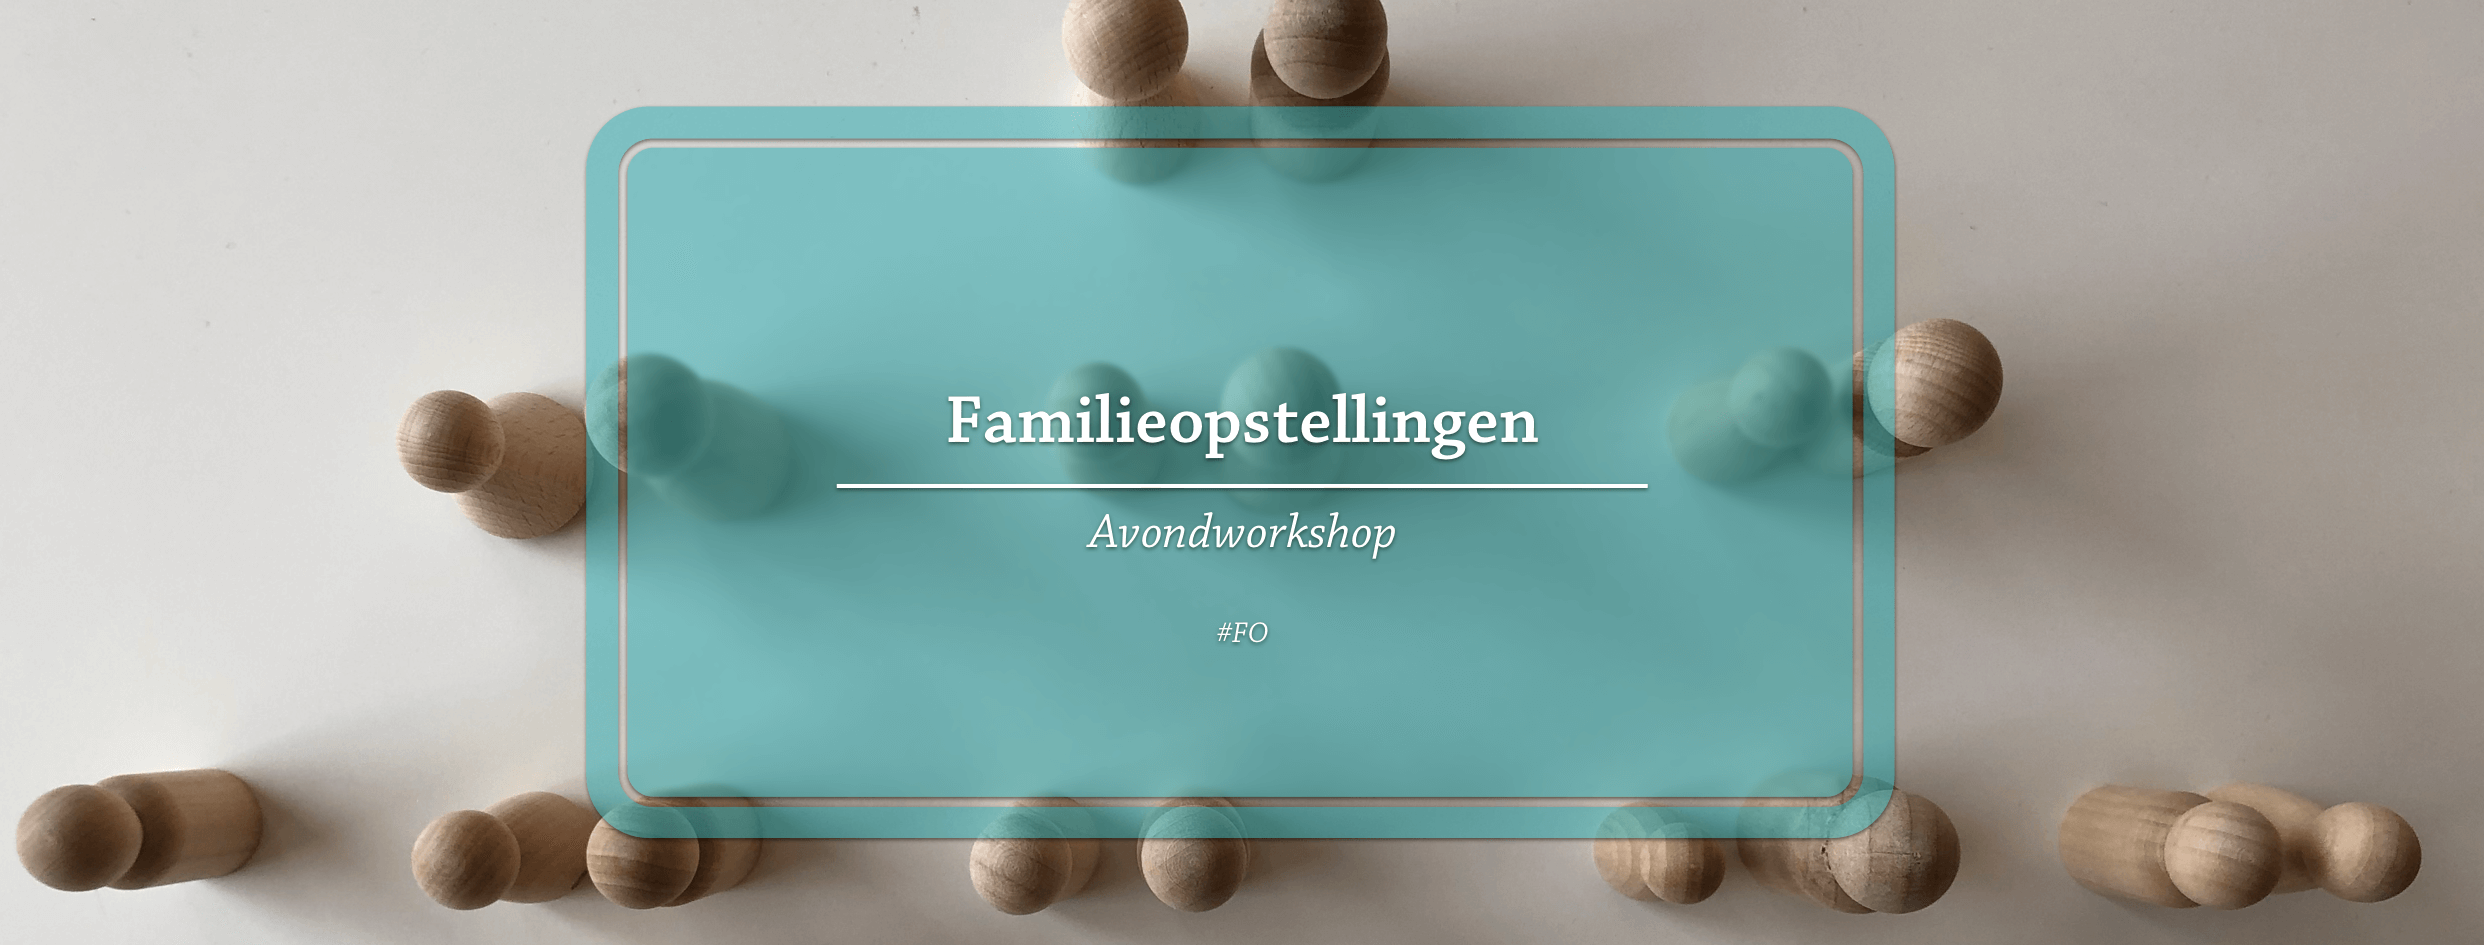 familieopstellingen